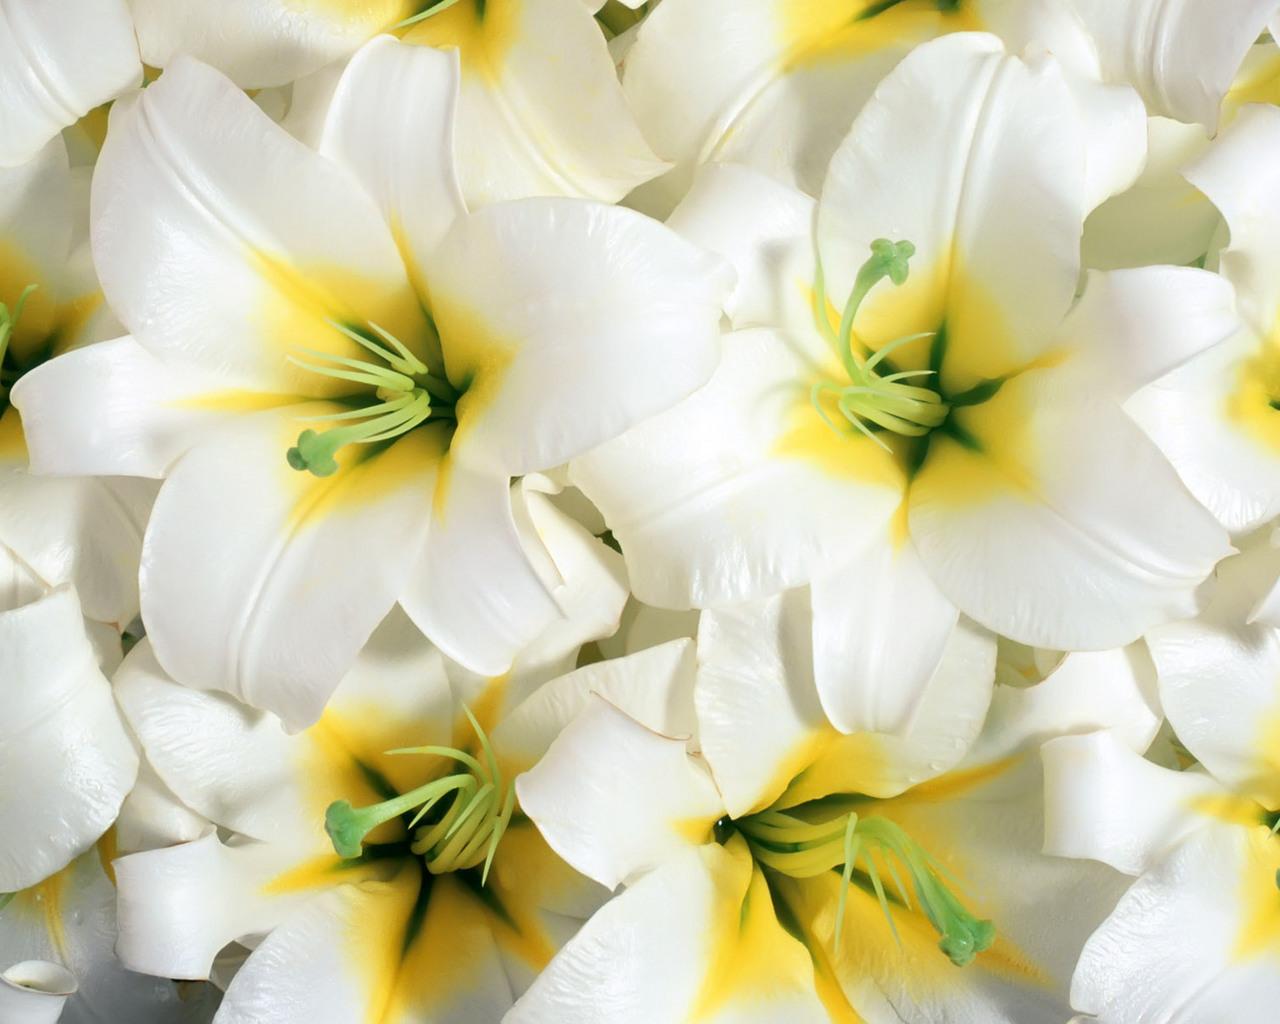 9780 descargar fondo de pantalla Plantas, Flores, Fondo: protectores de pantalla e imágenes gratis